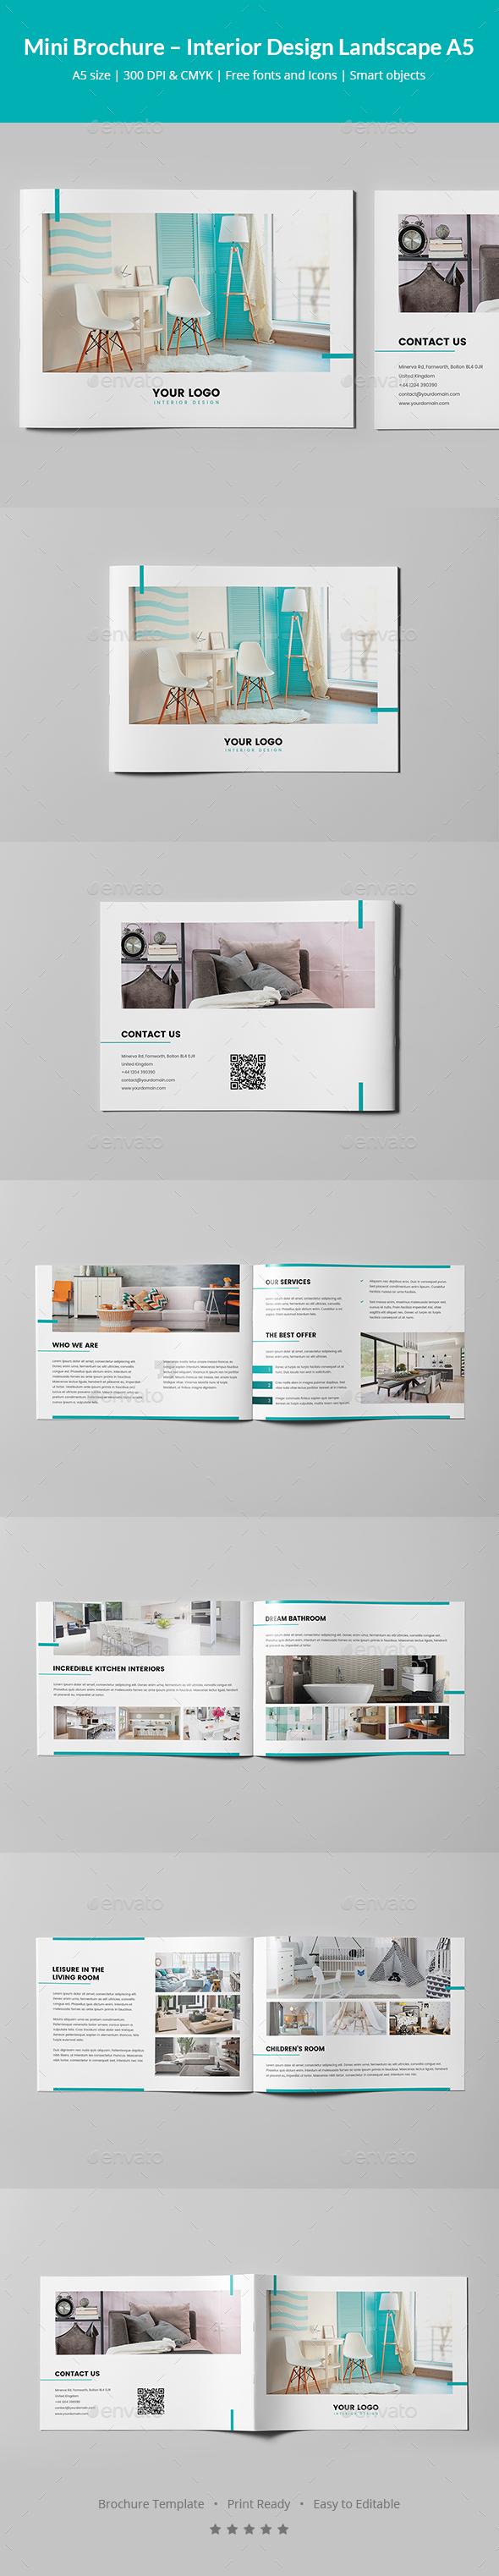 GraphicRiver Mini Brochure Interior Design Landscape A5 21006826